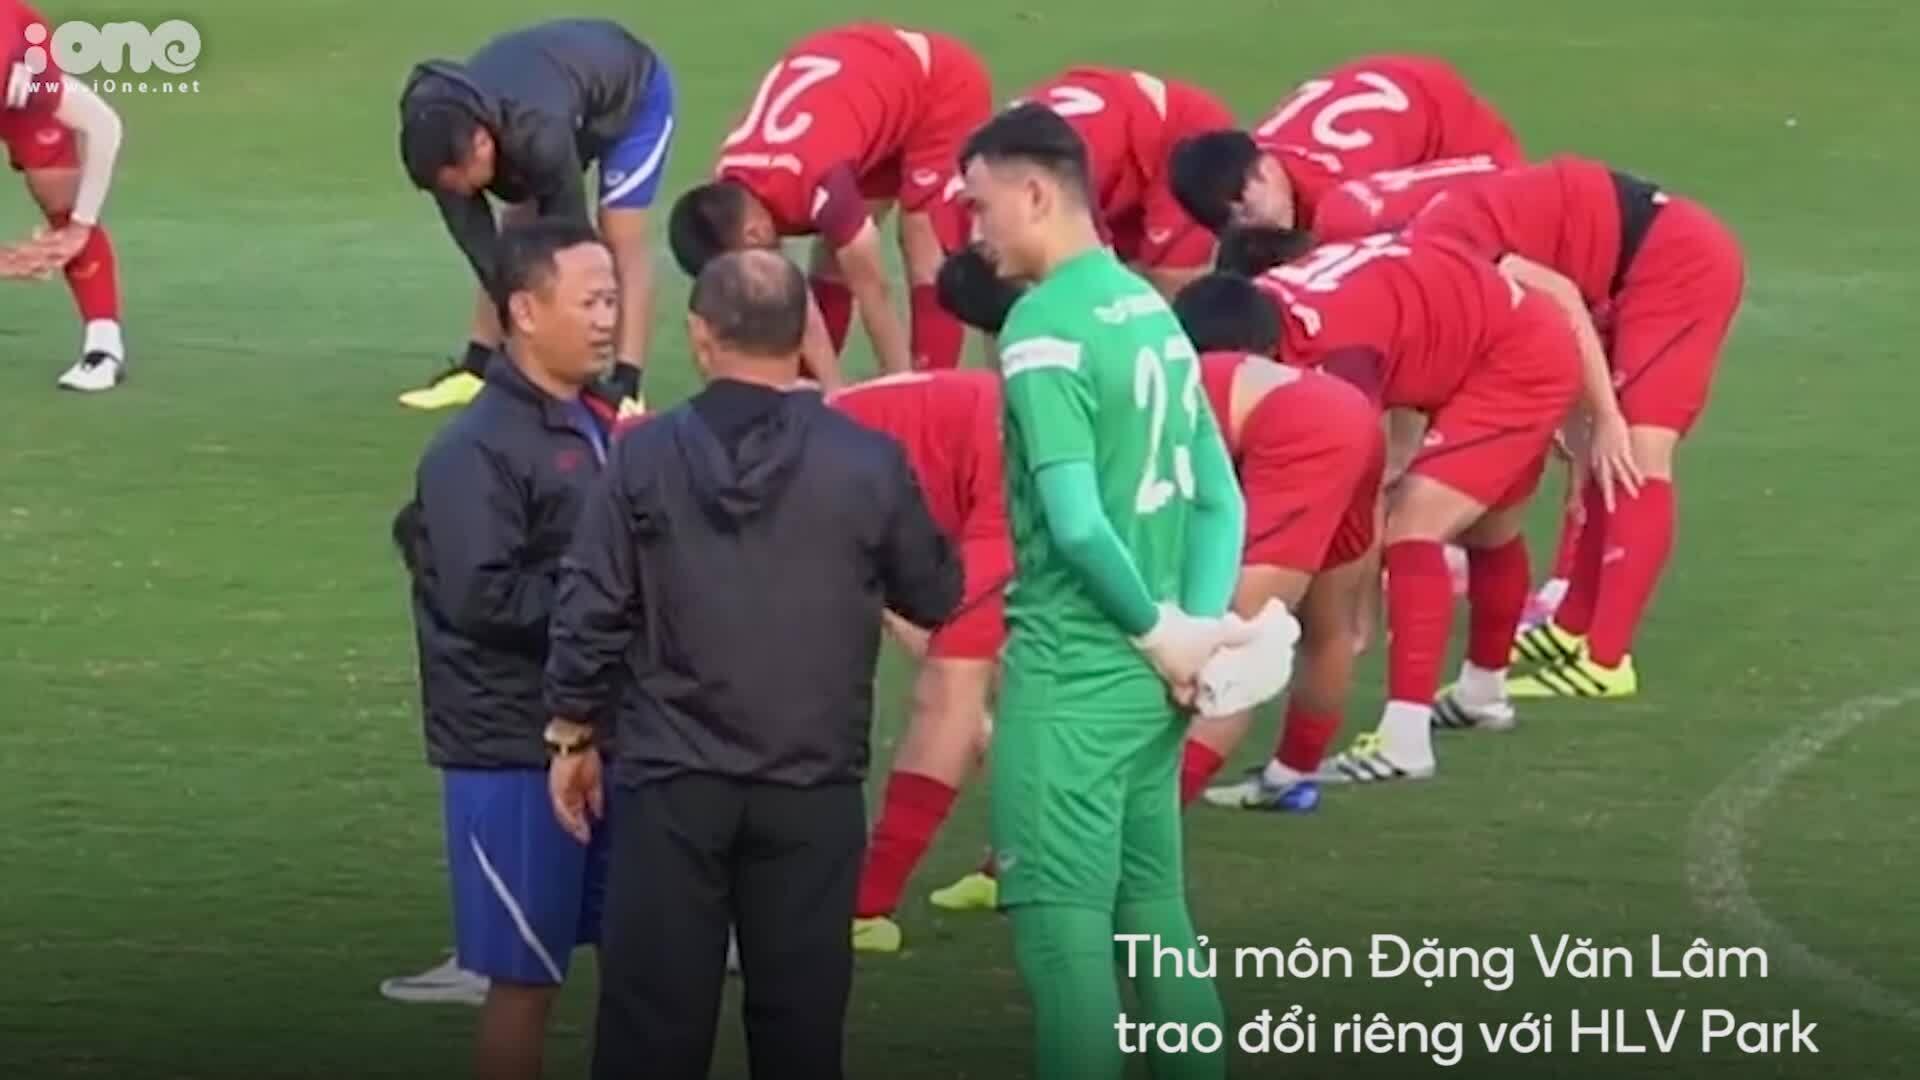 HLV Park Hang-seo dặn dò hàng thủ tuyển Việt Nam trước trận đấu với Thái Lan